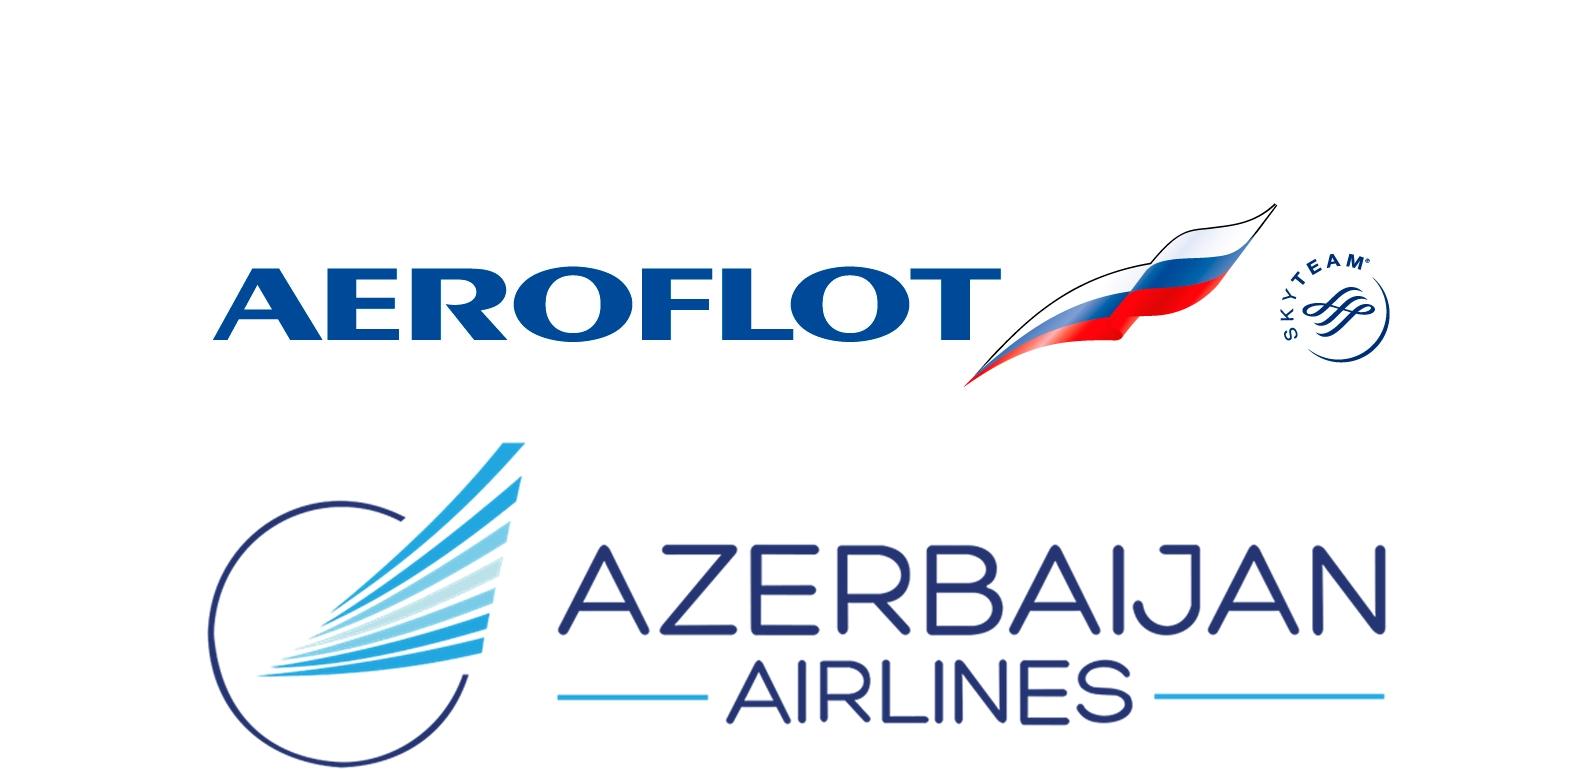 AW-Aeroflot_Azerbaijan